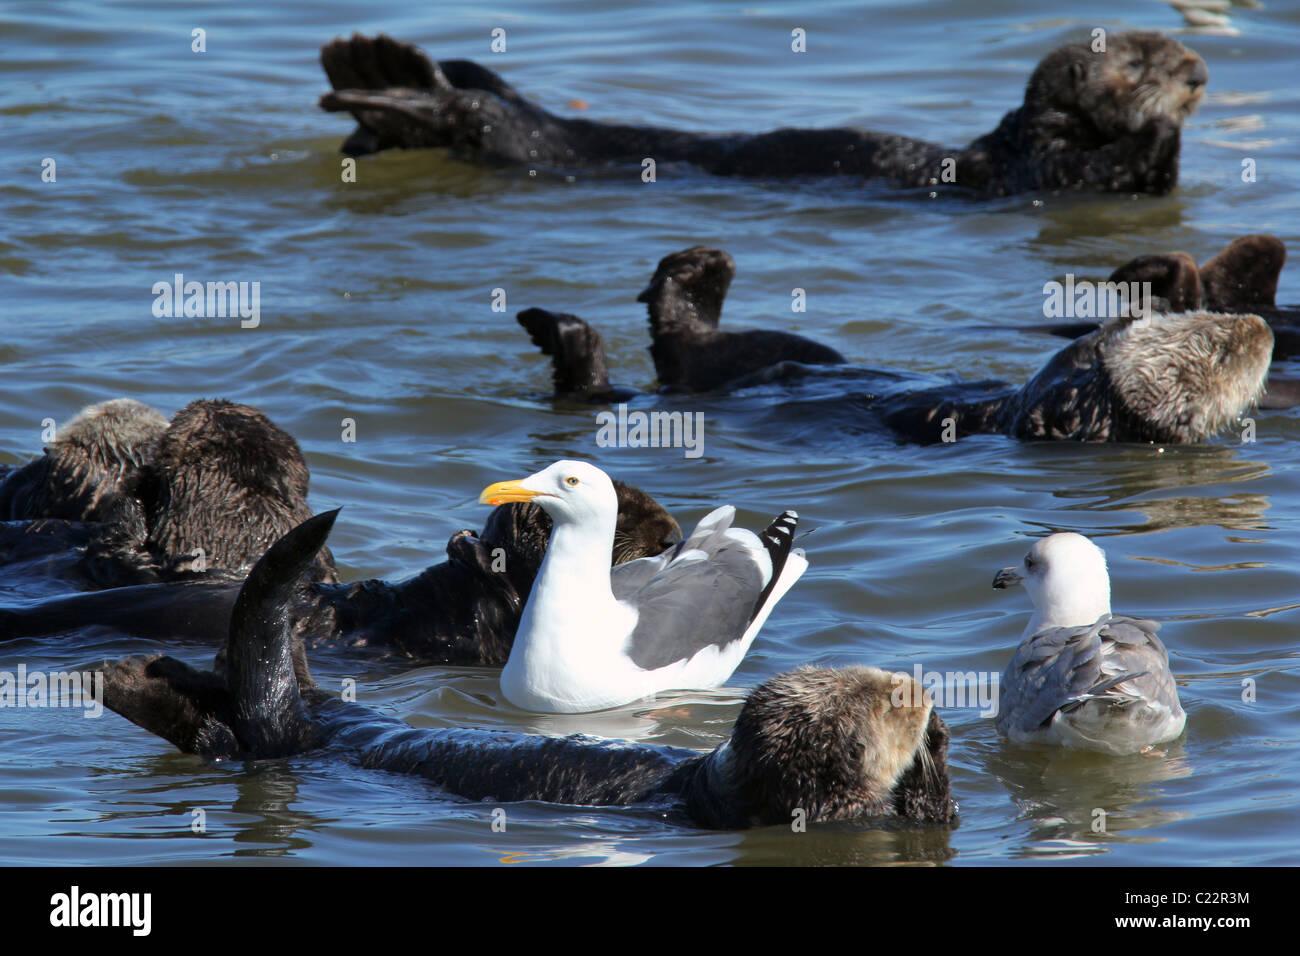 sea Otter gull Moss Landing Monterey Bay Elkhorn Slough National Estuarine Research Reserve - Stock Image